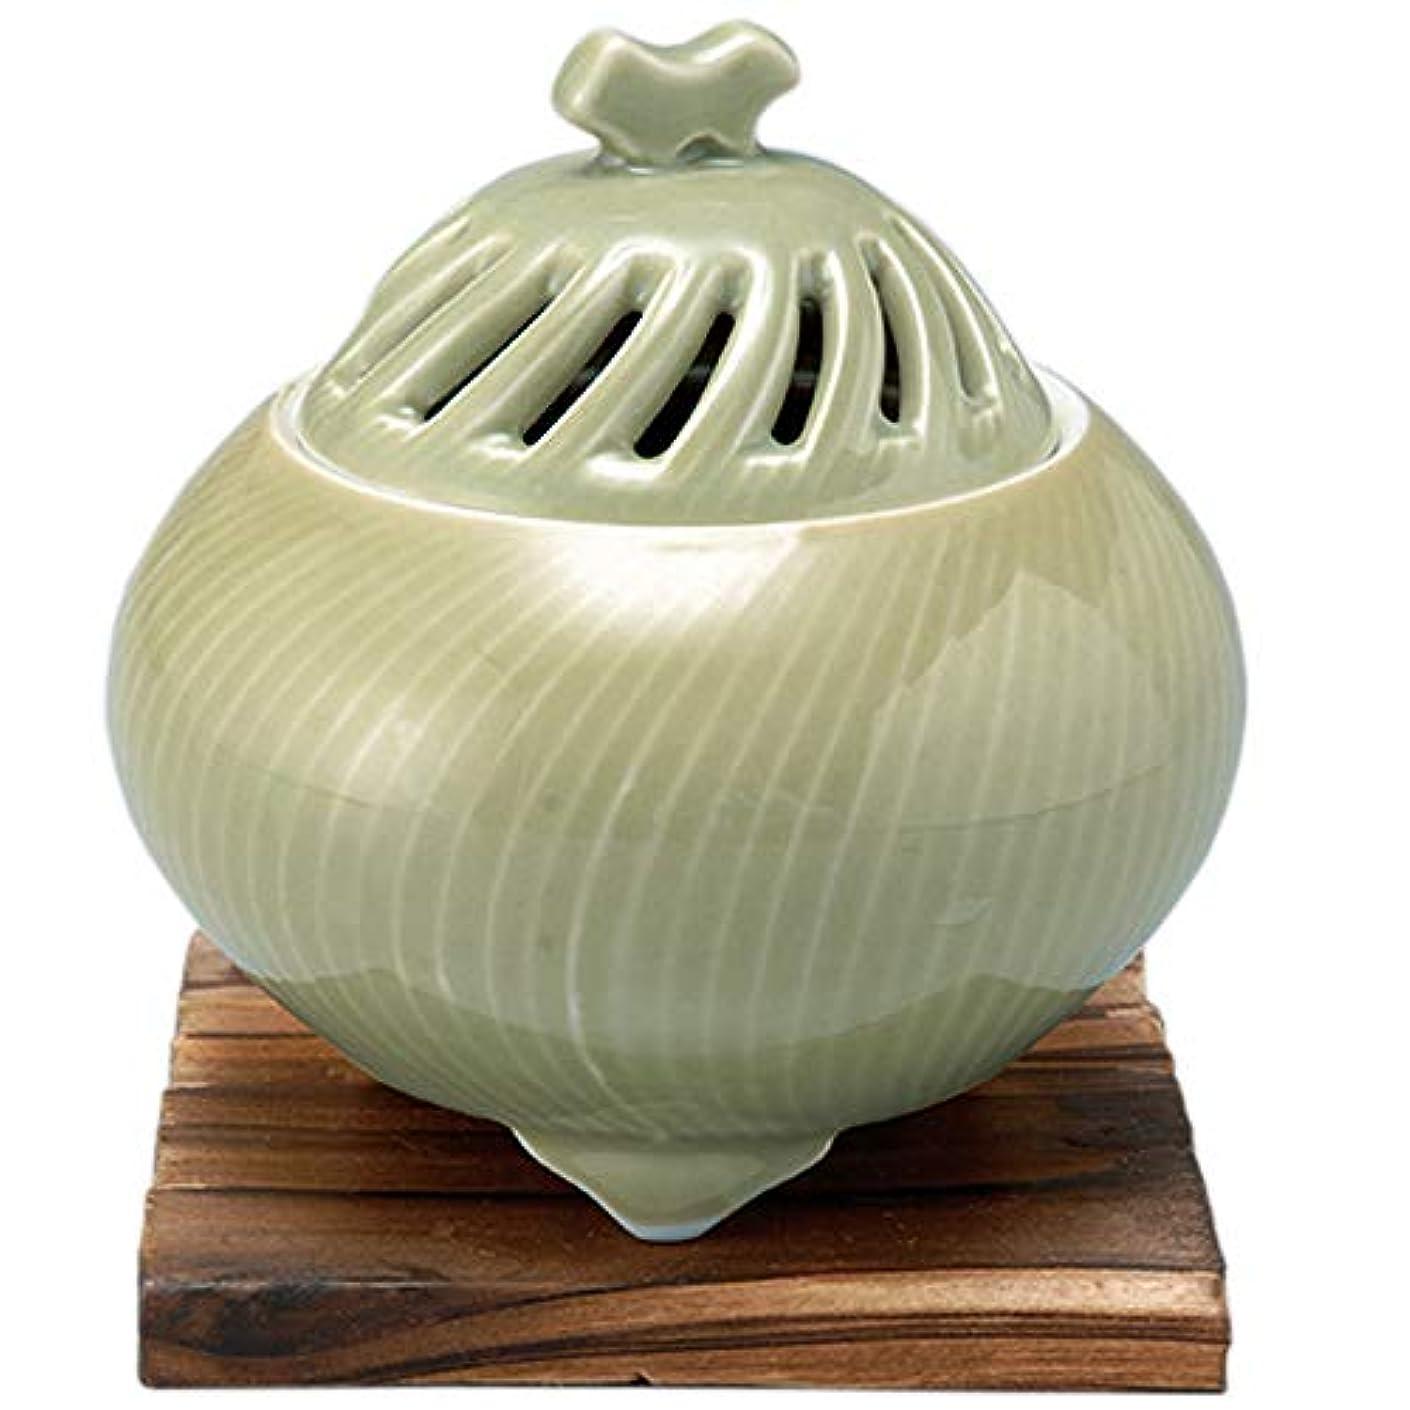 パーフェルビッド印象男香炉 鶯透し 丸型香炉 [R11xH11.3cm] プレゼント ギフト 和食器 かわいい インテリア